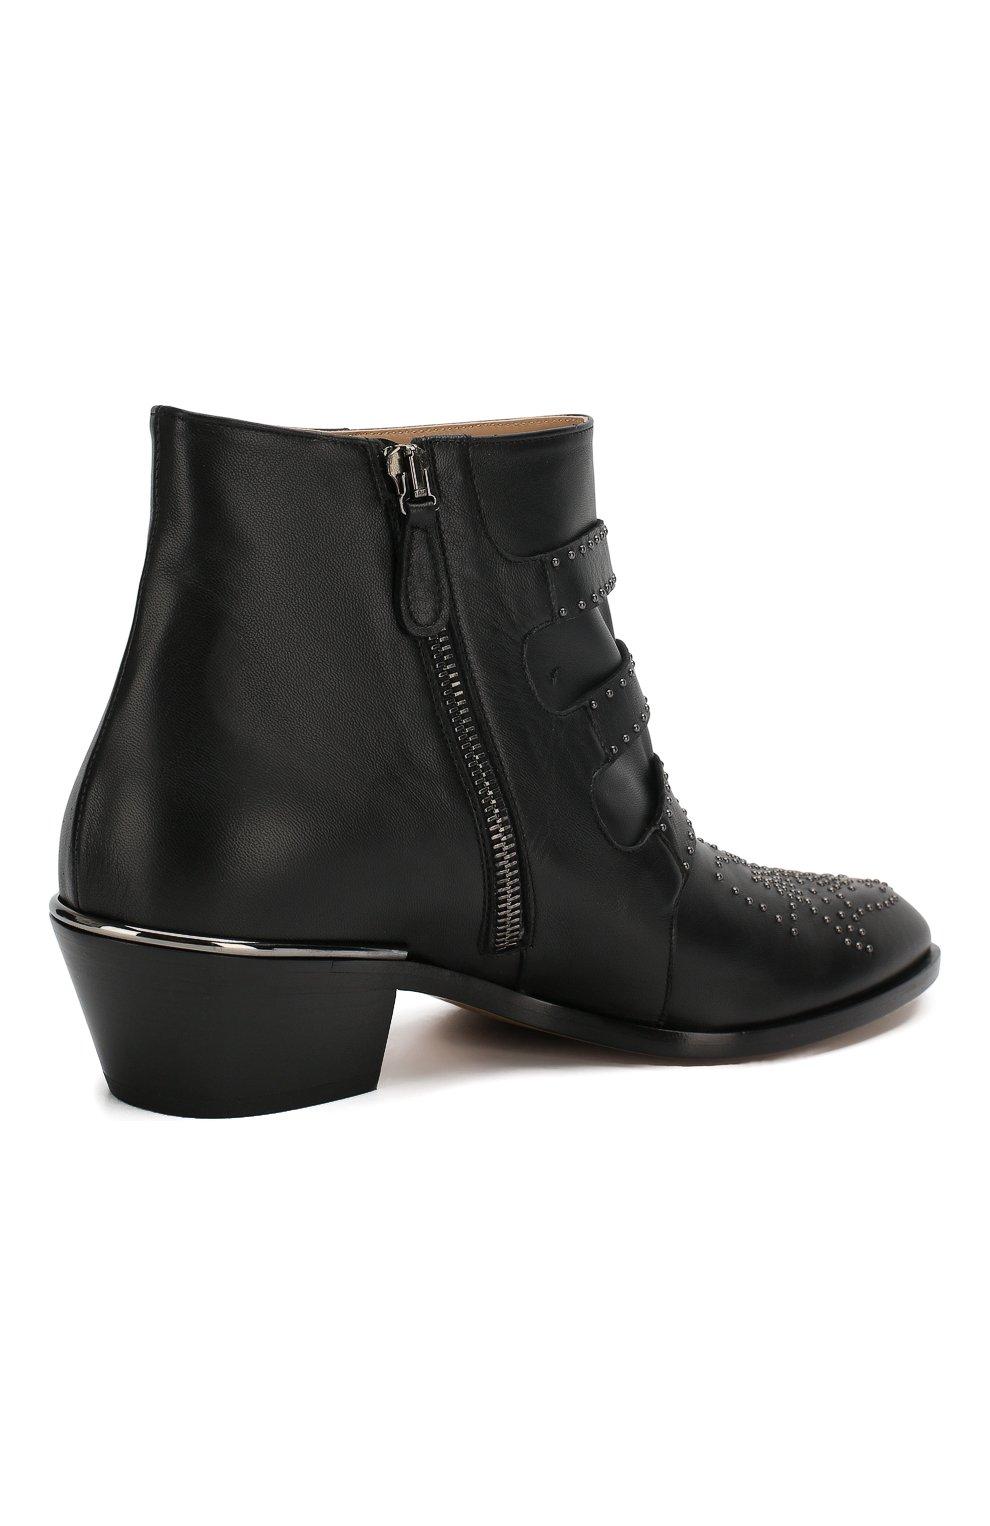 Кожаные ботинки Susanna | Фото №4